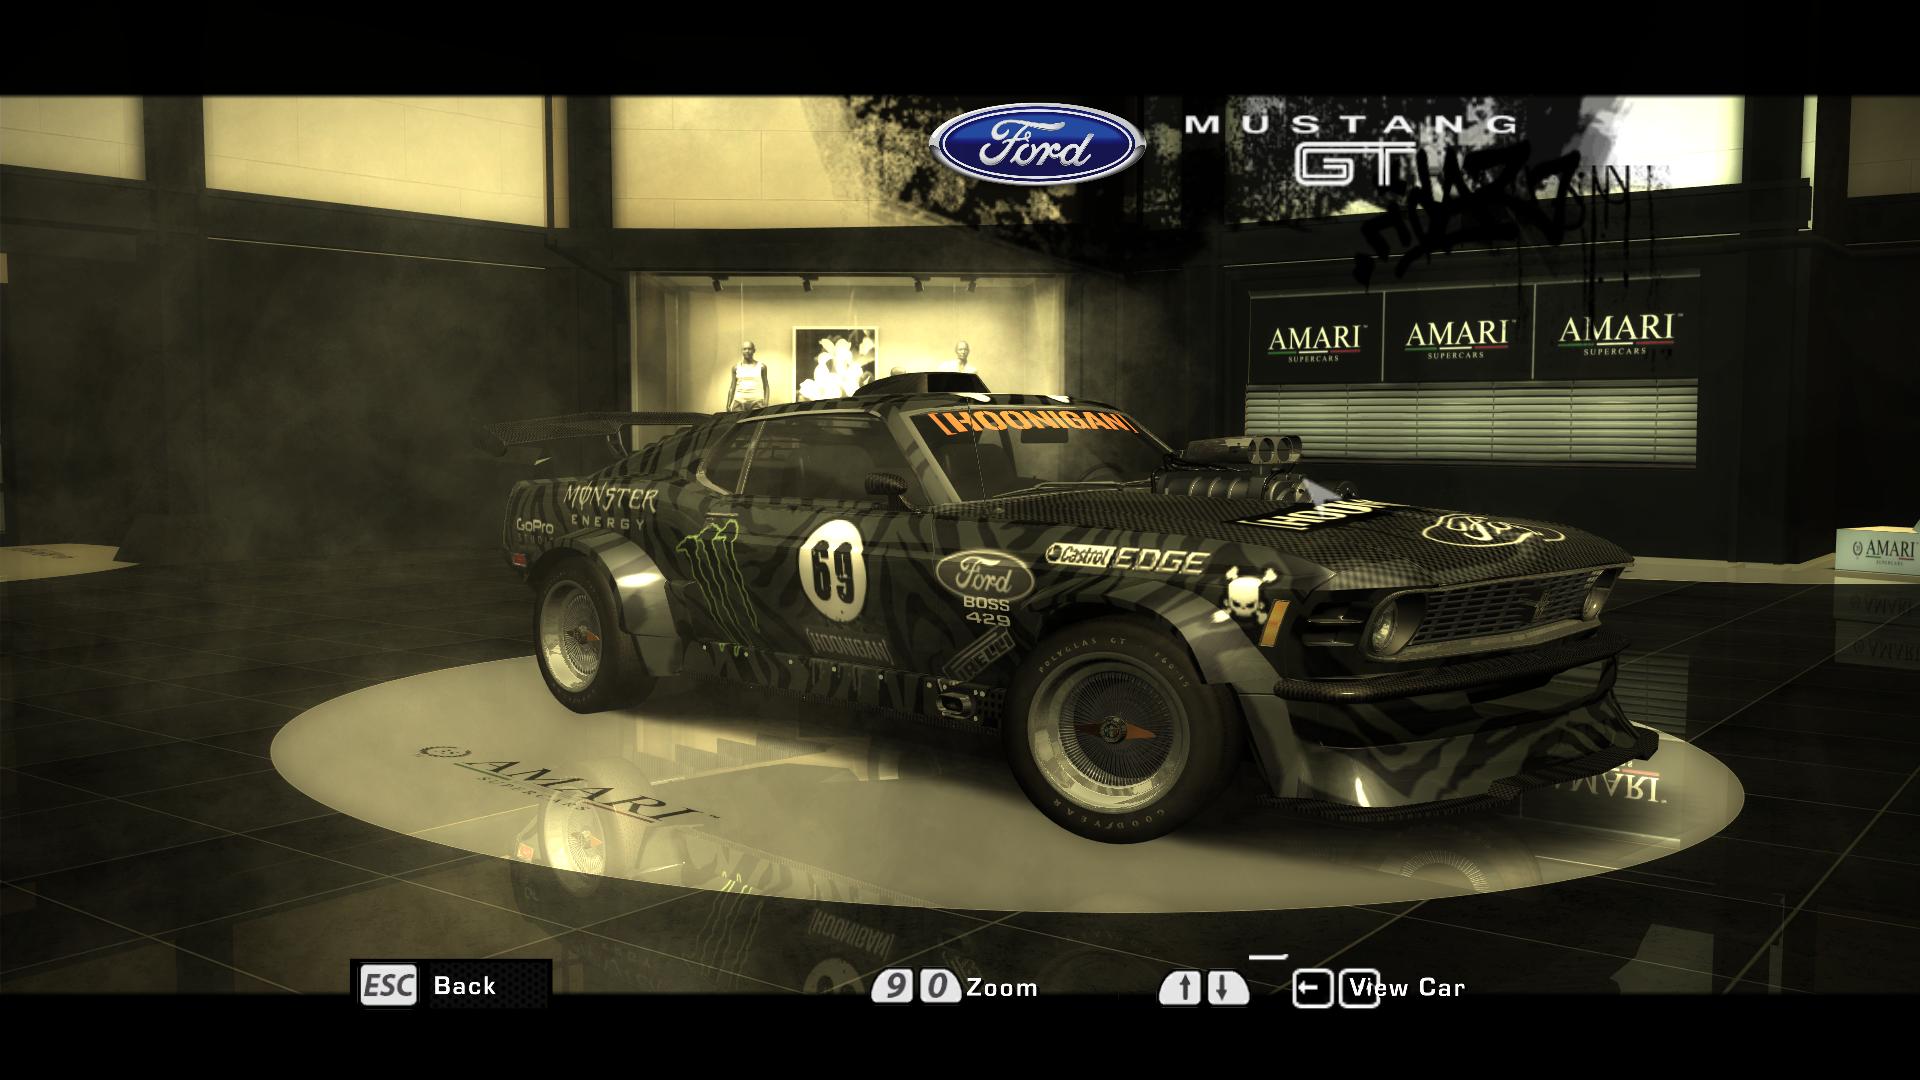 Винил для мустанга - Need for Speed: Most Wanted (2005)